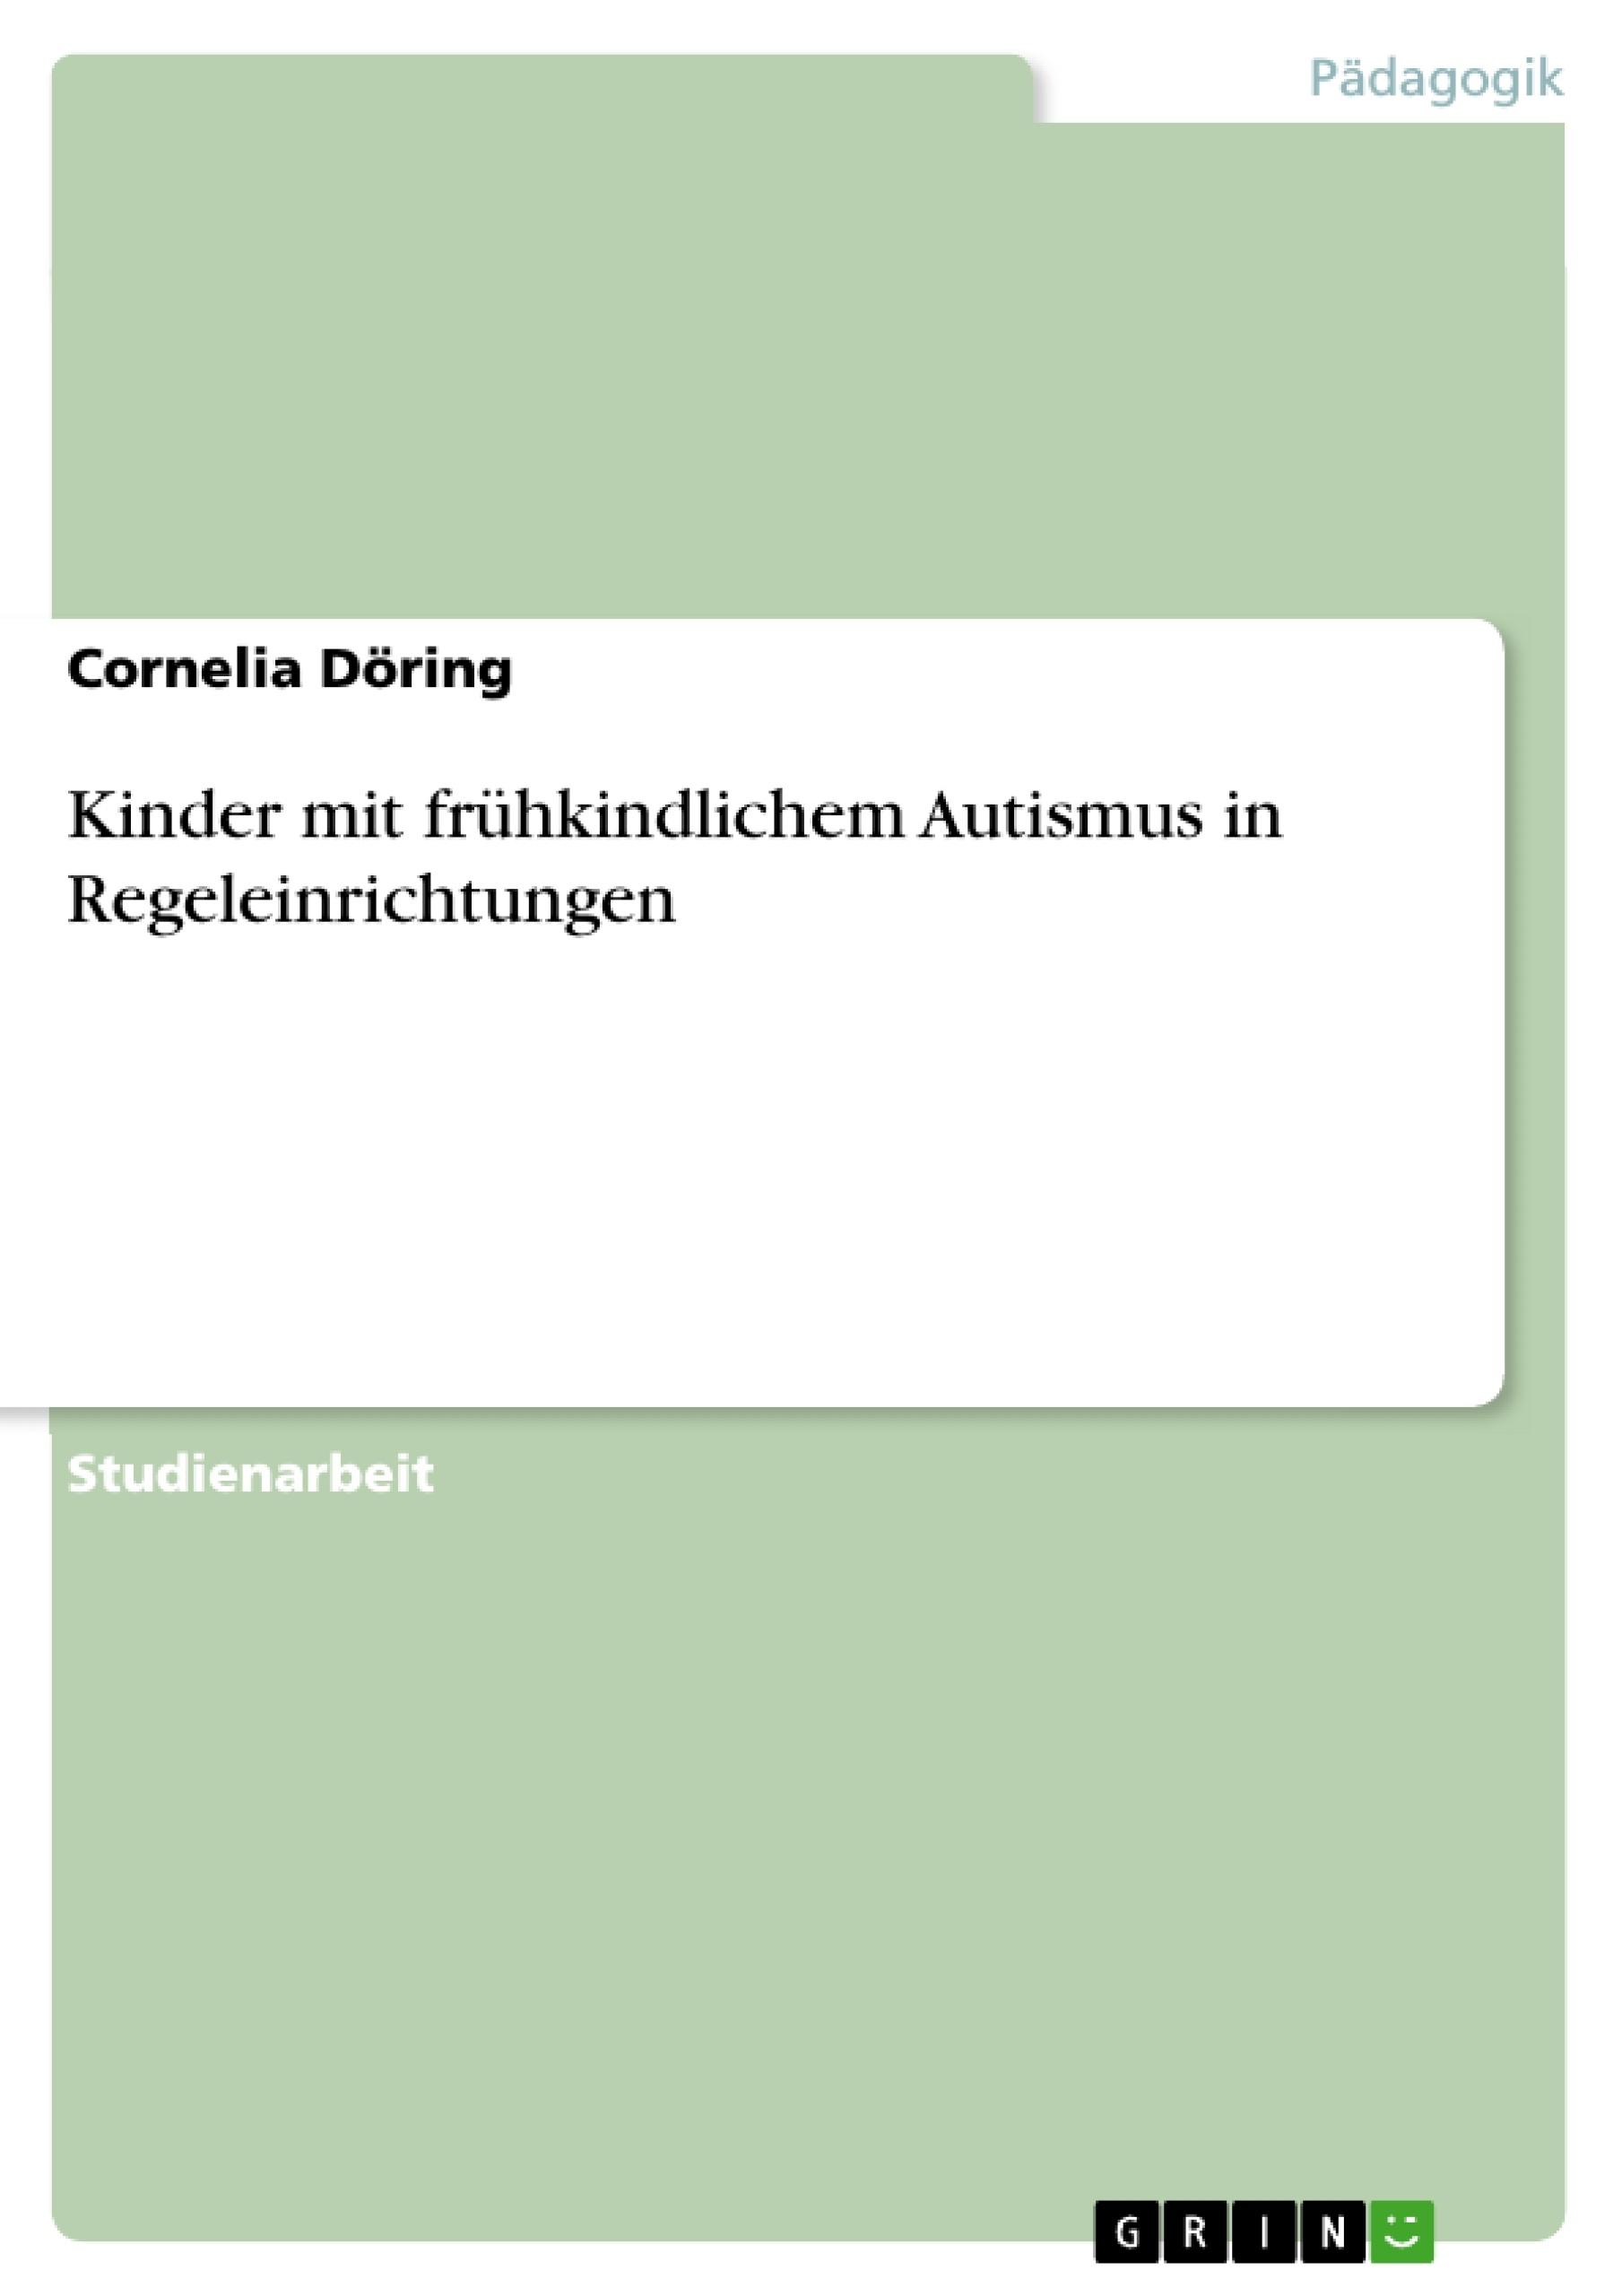 Titel: Kinder mit frühkindlichem Autismus in Regeleinrichtungen